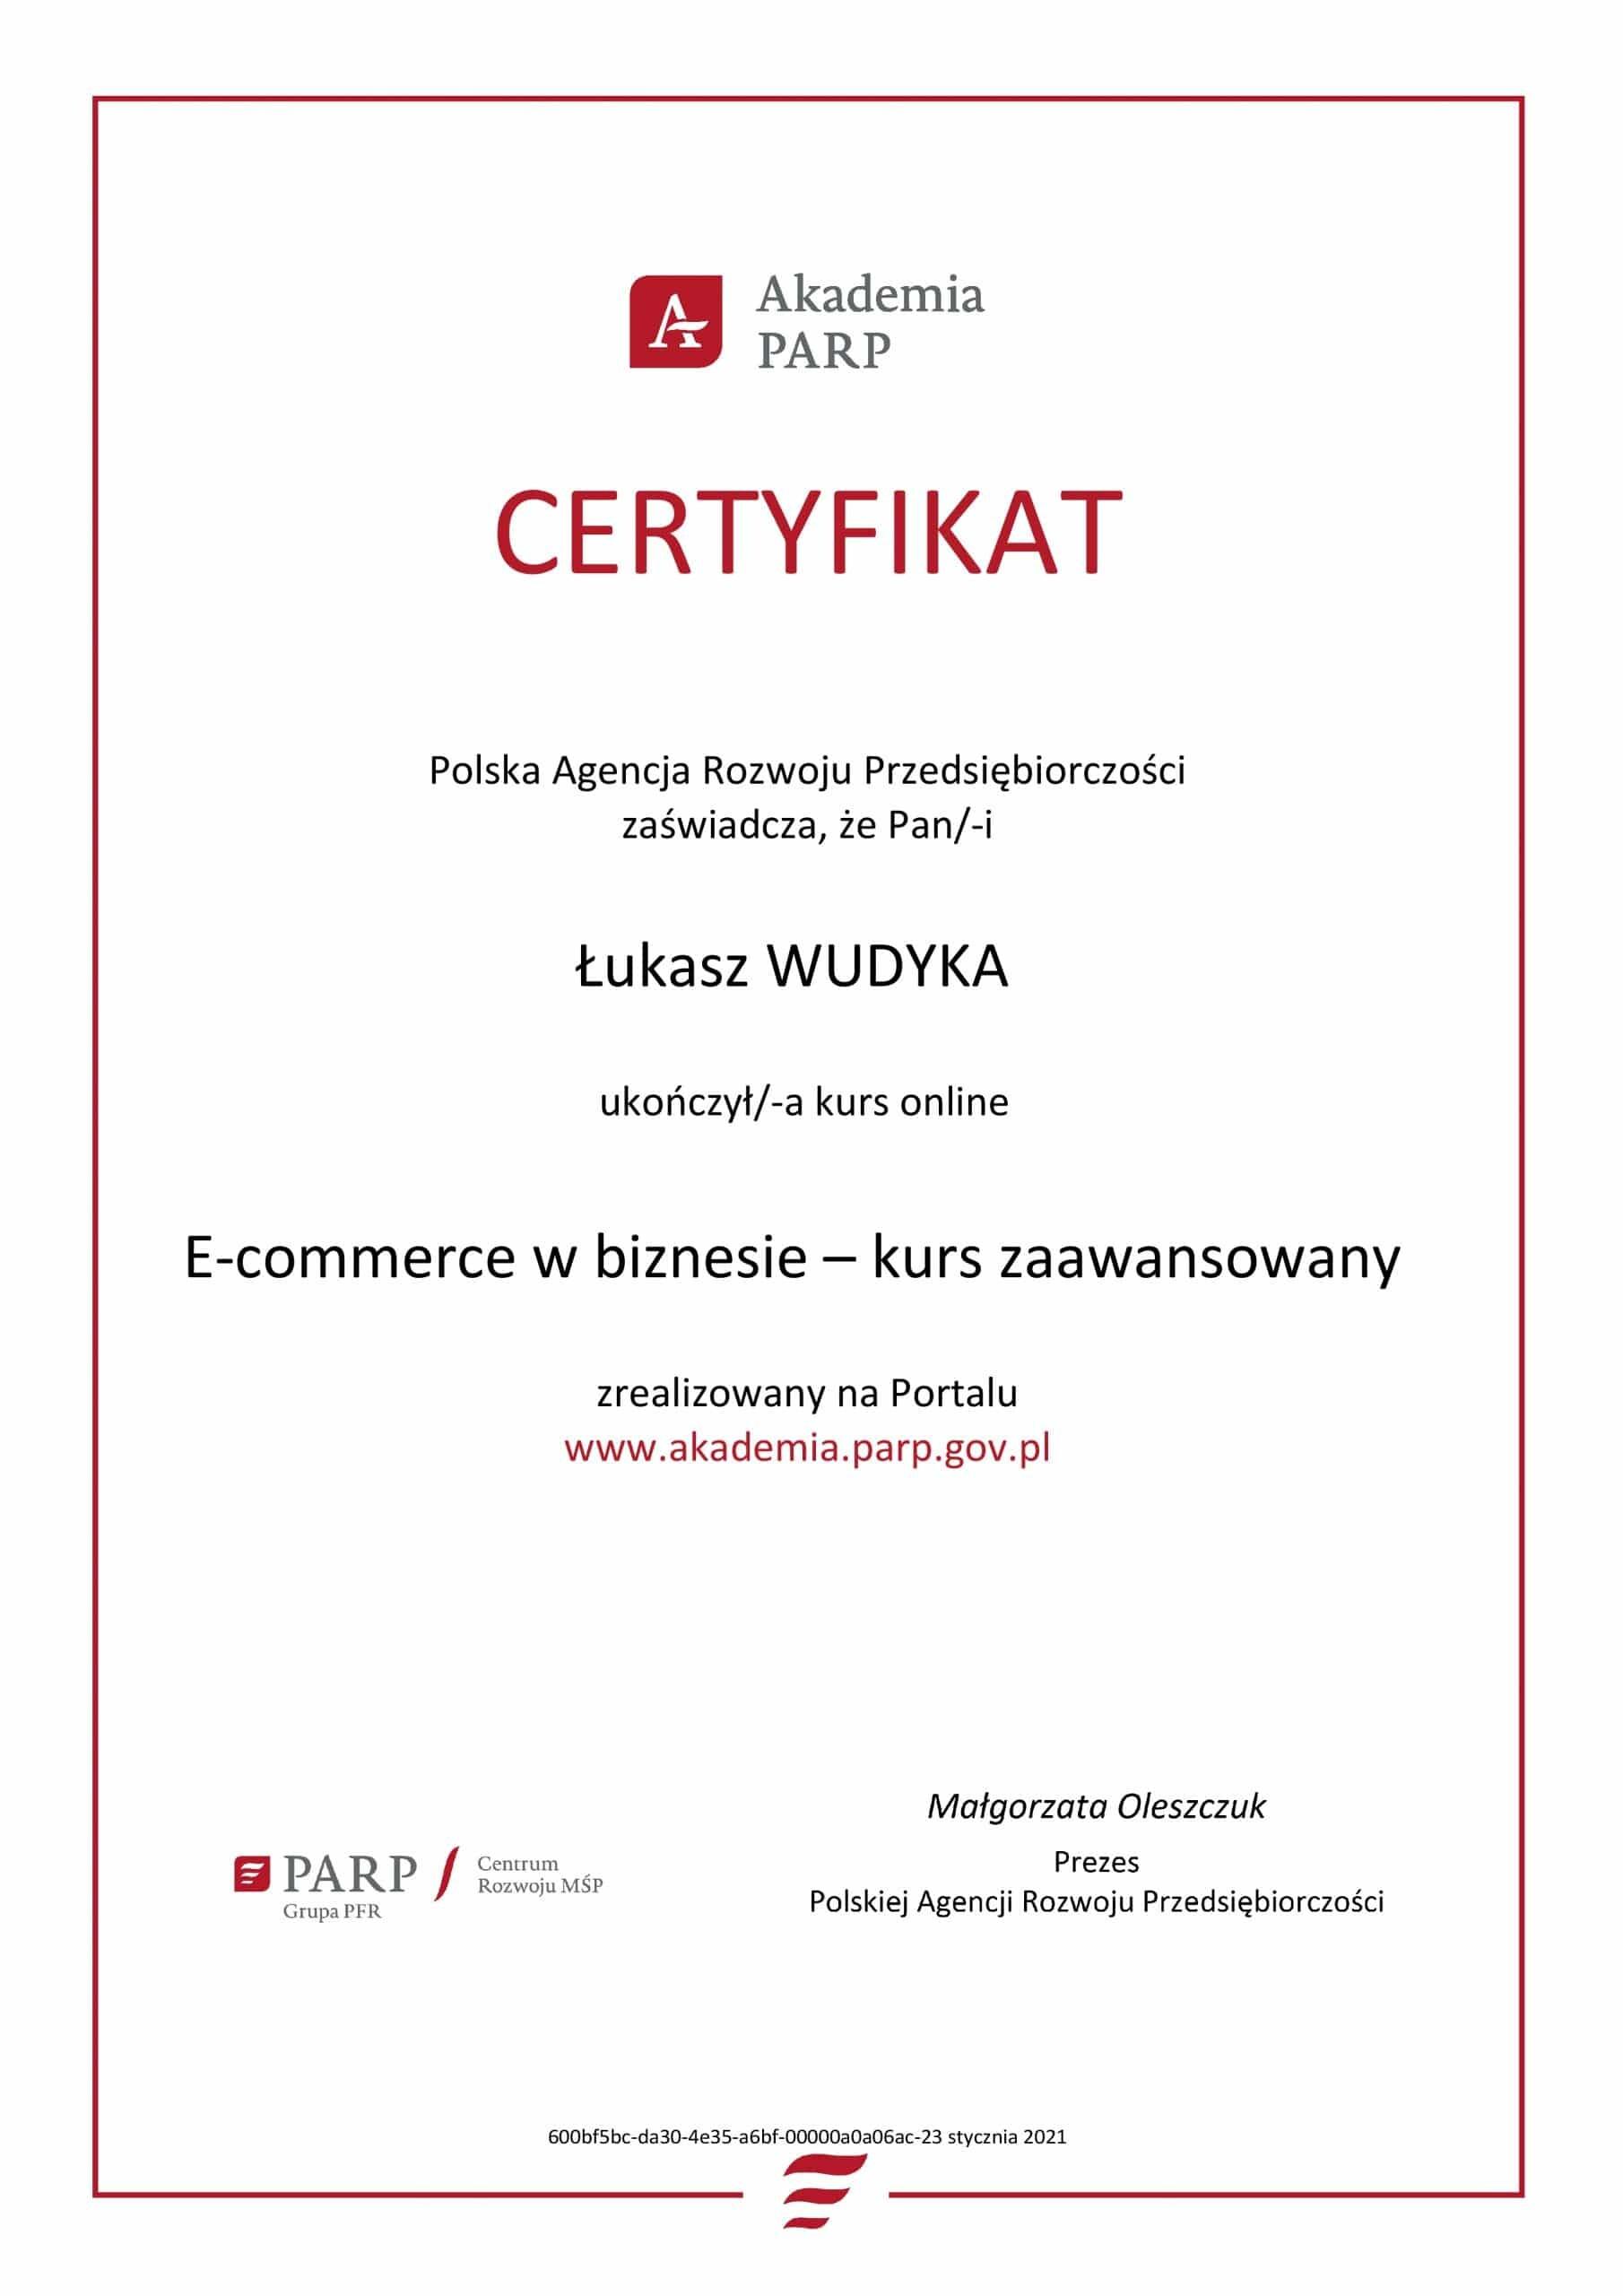 Łukasz Wudyka certyfikat E-commerce w biznesie - kurs zaawansowany - Akademia PARP